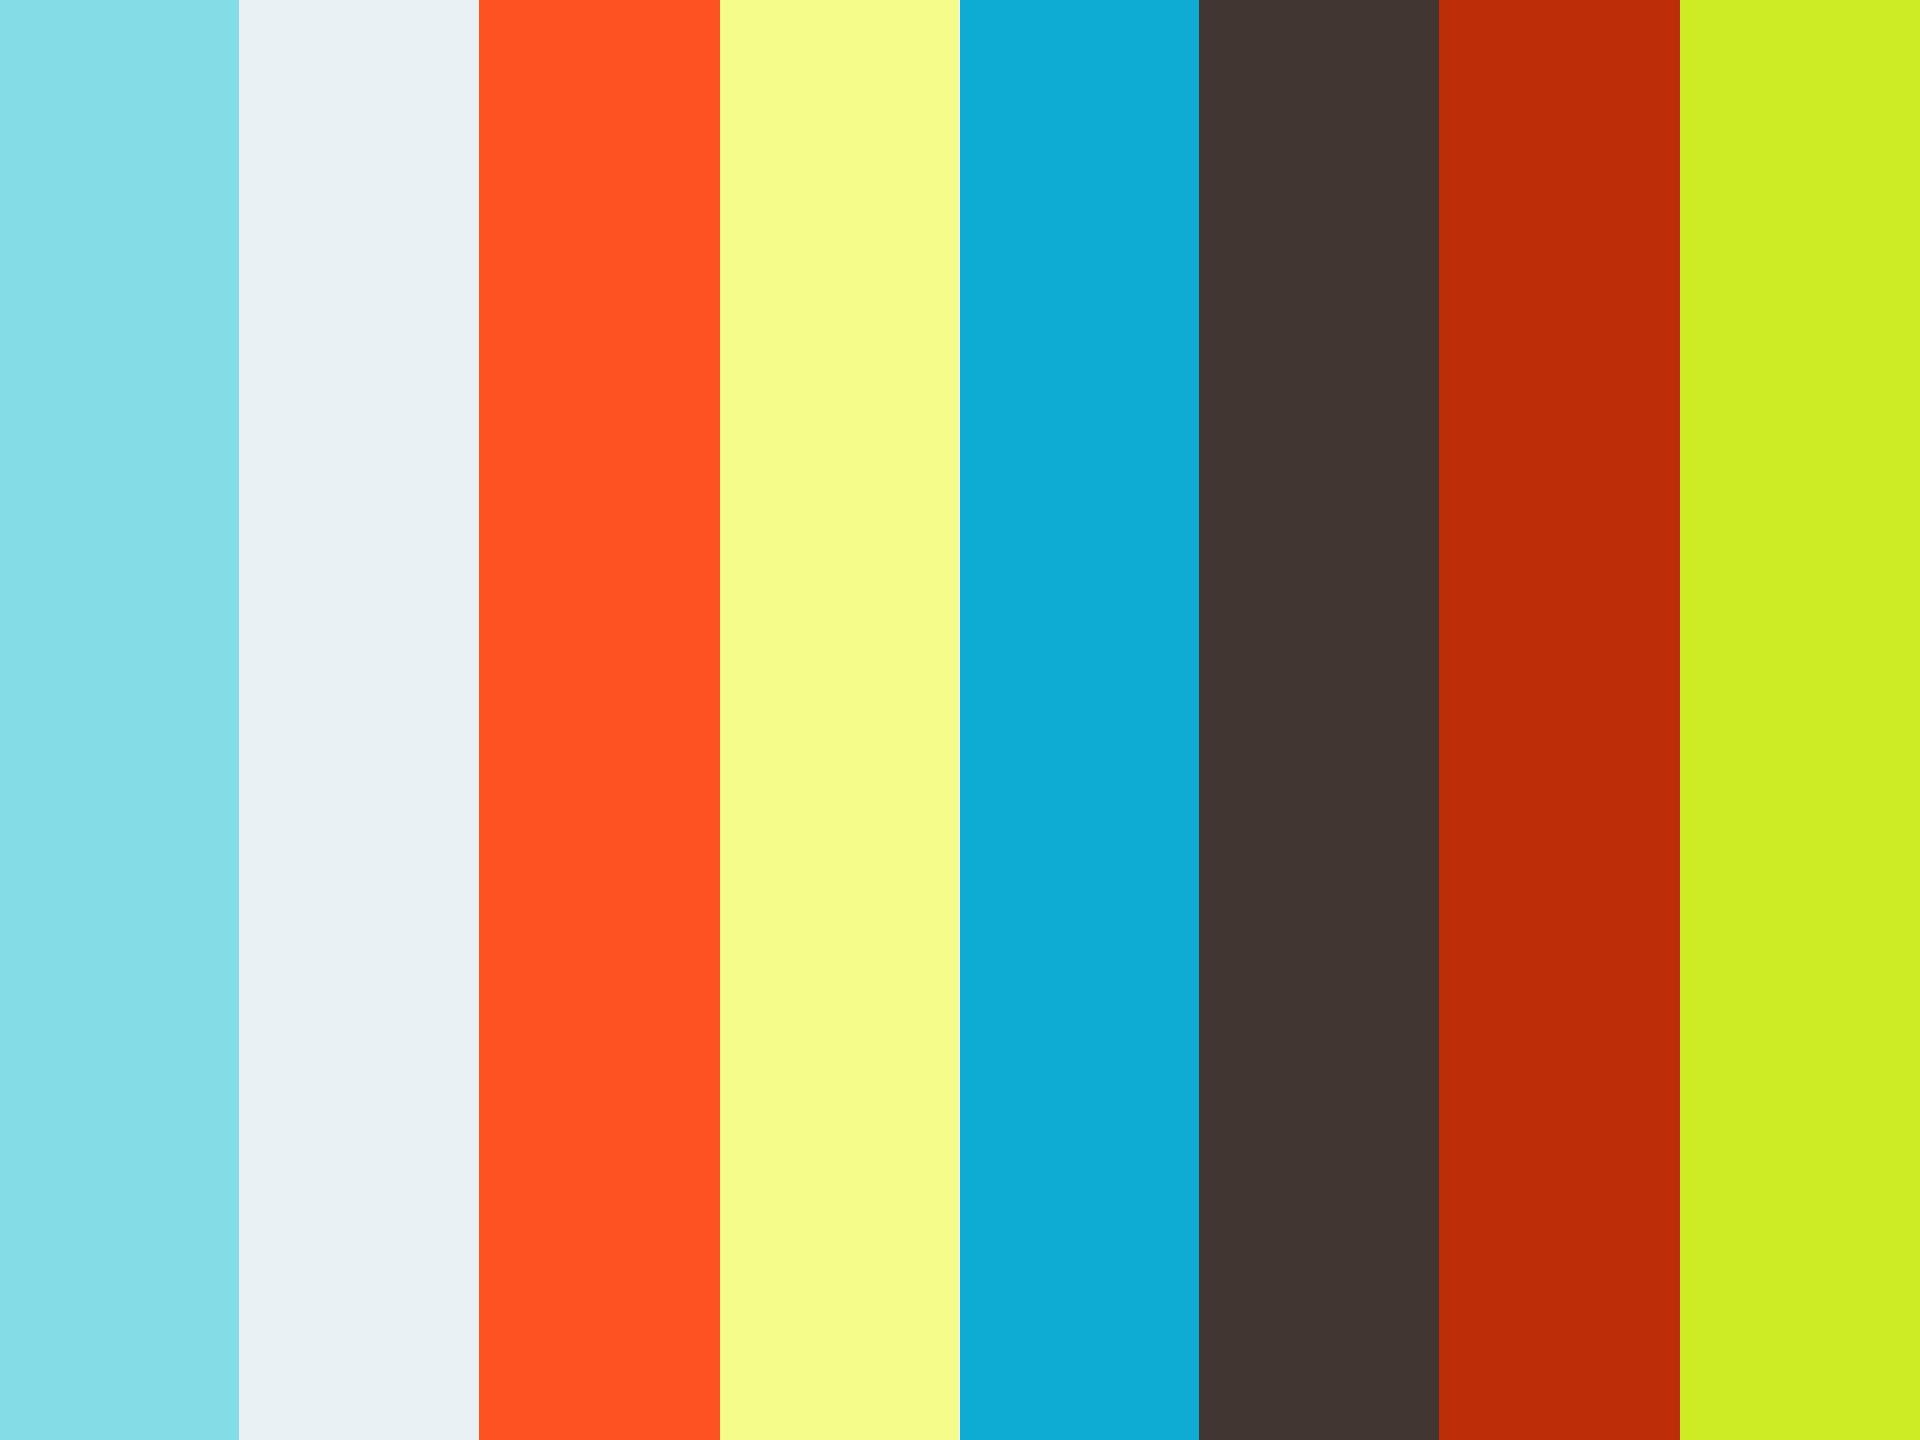 Лазерная шлифовка Санаторная улица Чебоксары лазерное омоложение лица пермь отзывы